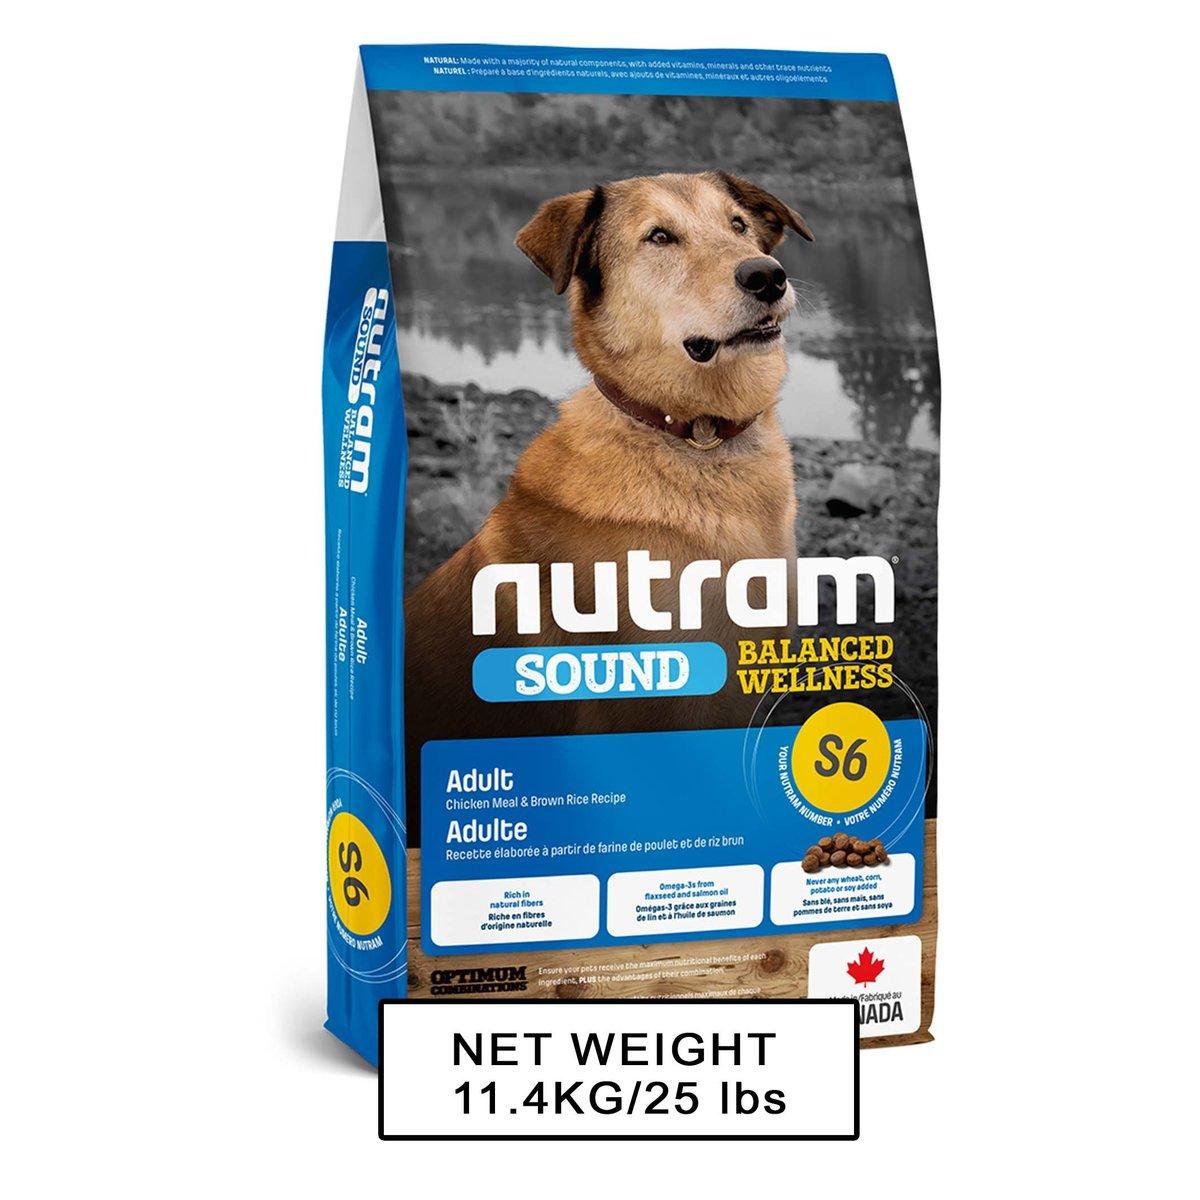 Nutram Sound DOM S6 Adult Dog 11.4kg